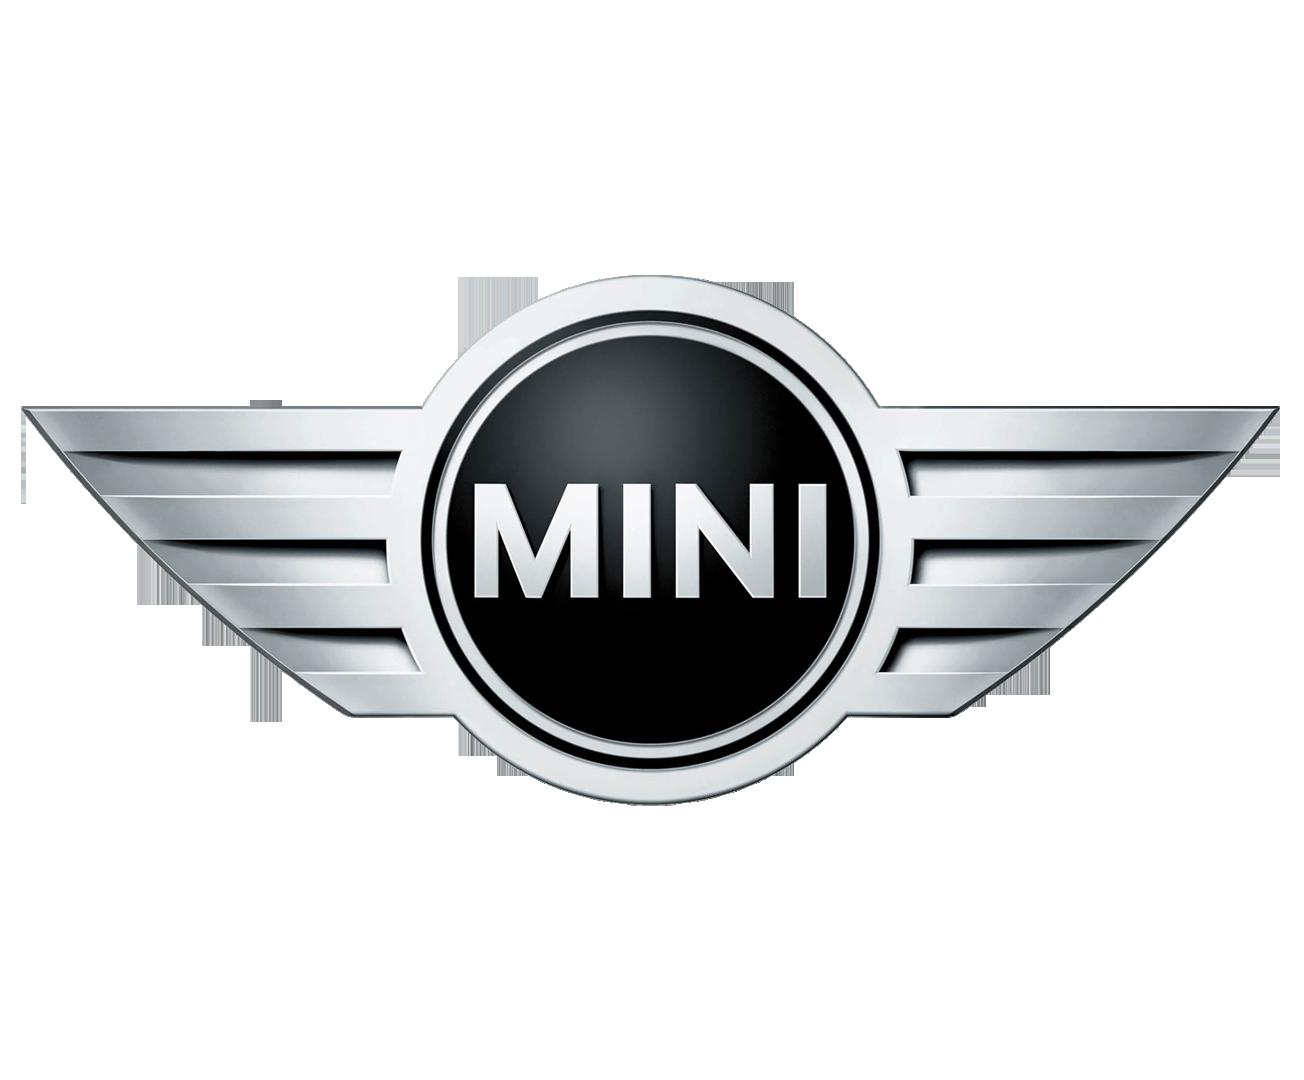 Эмблема мини